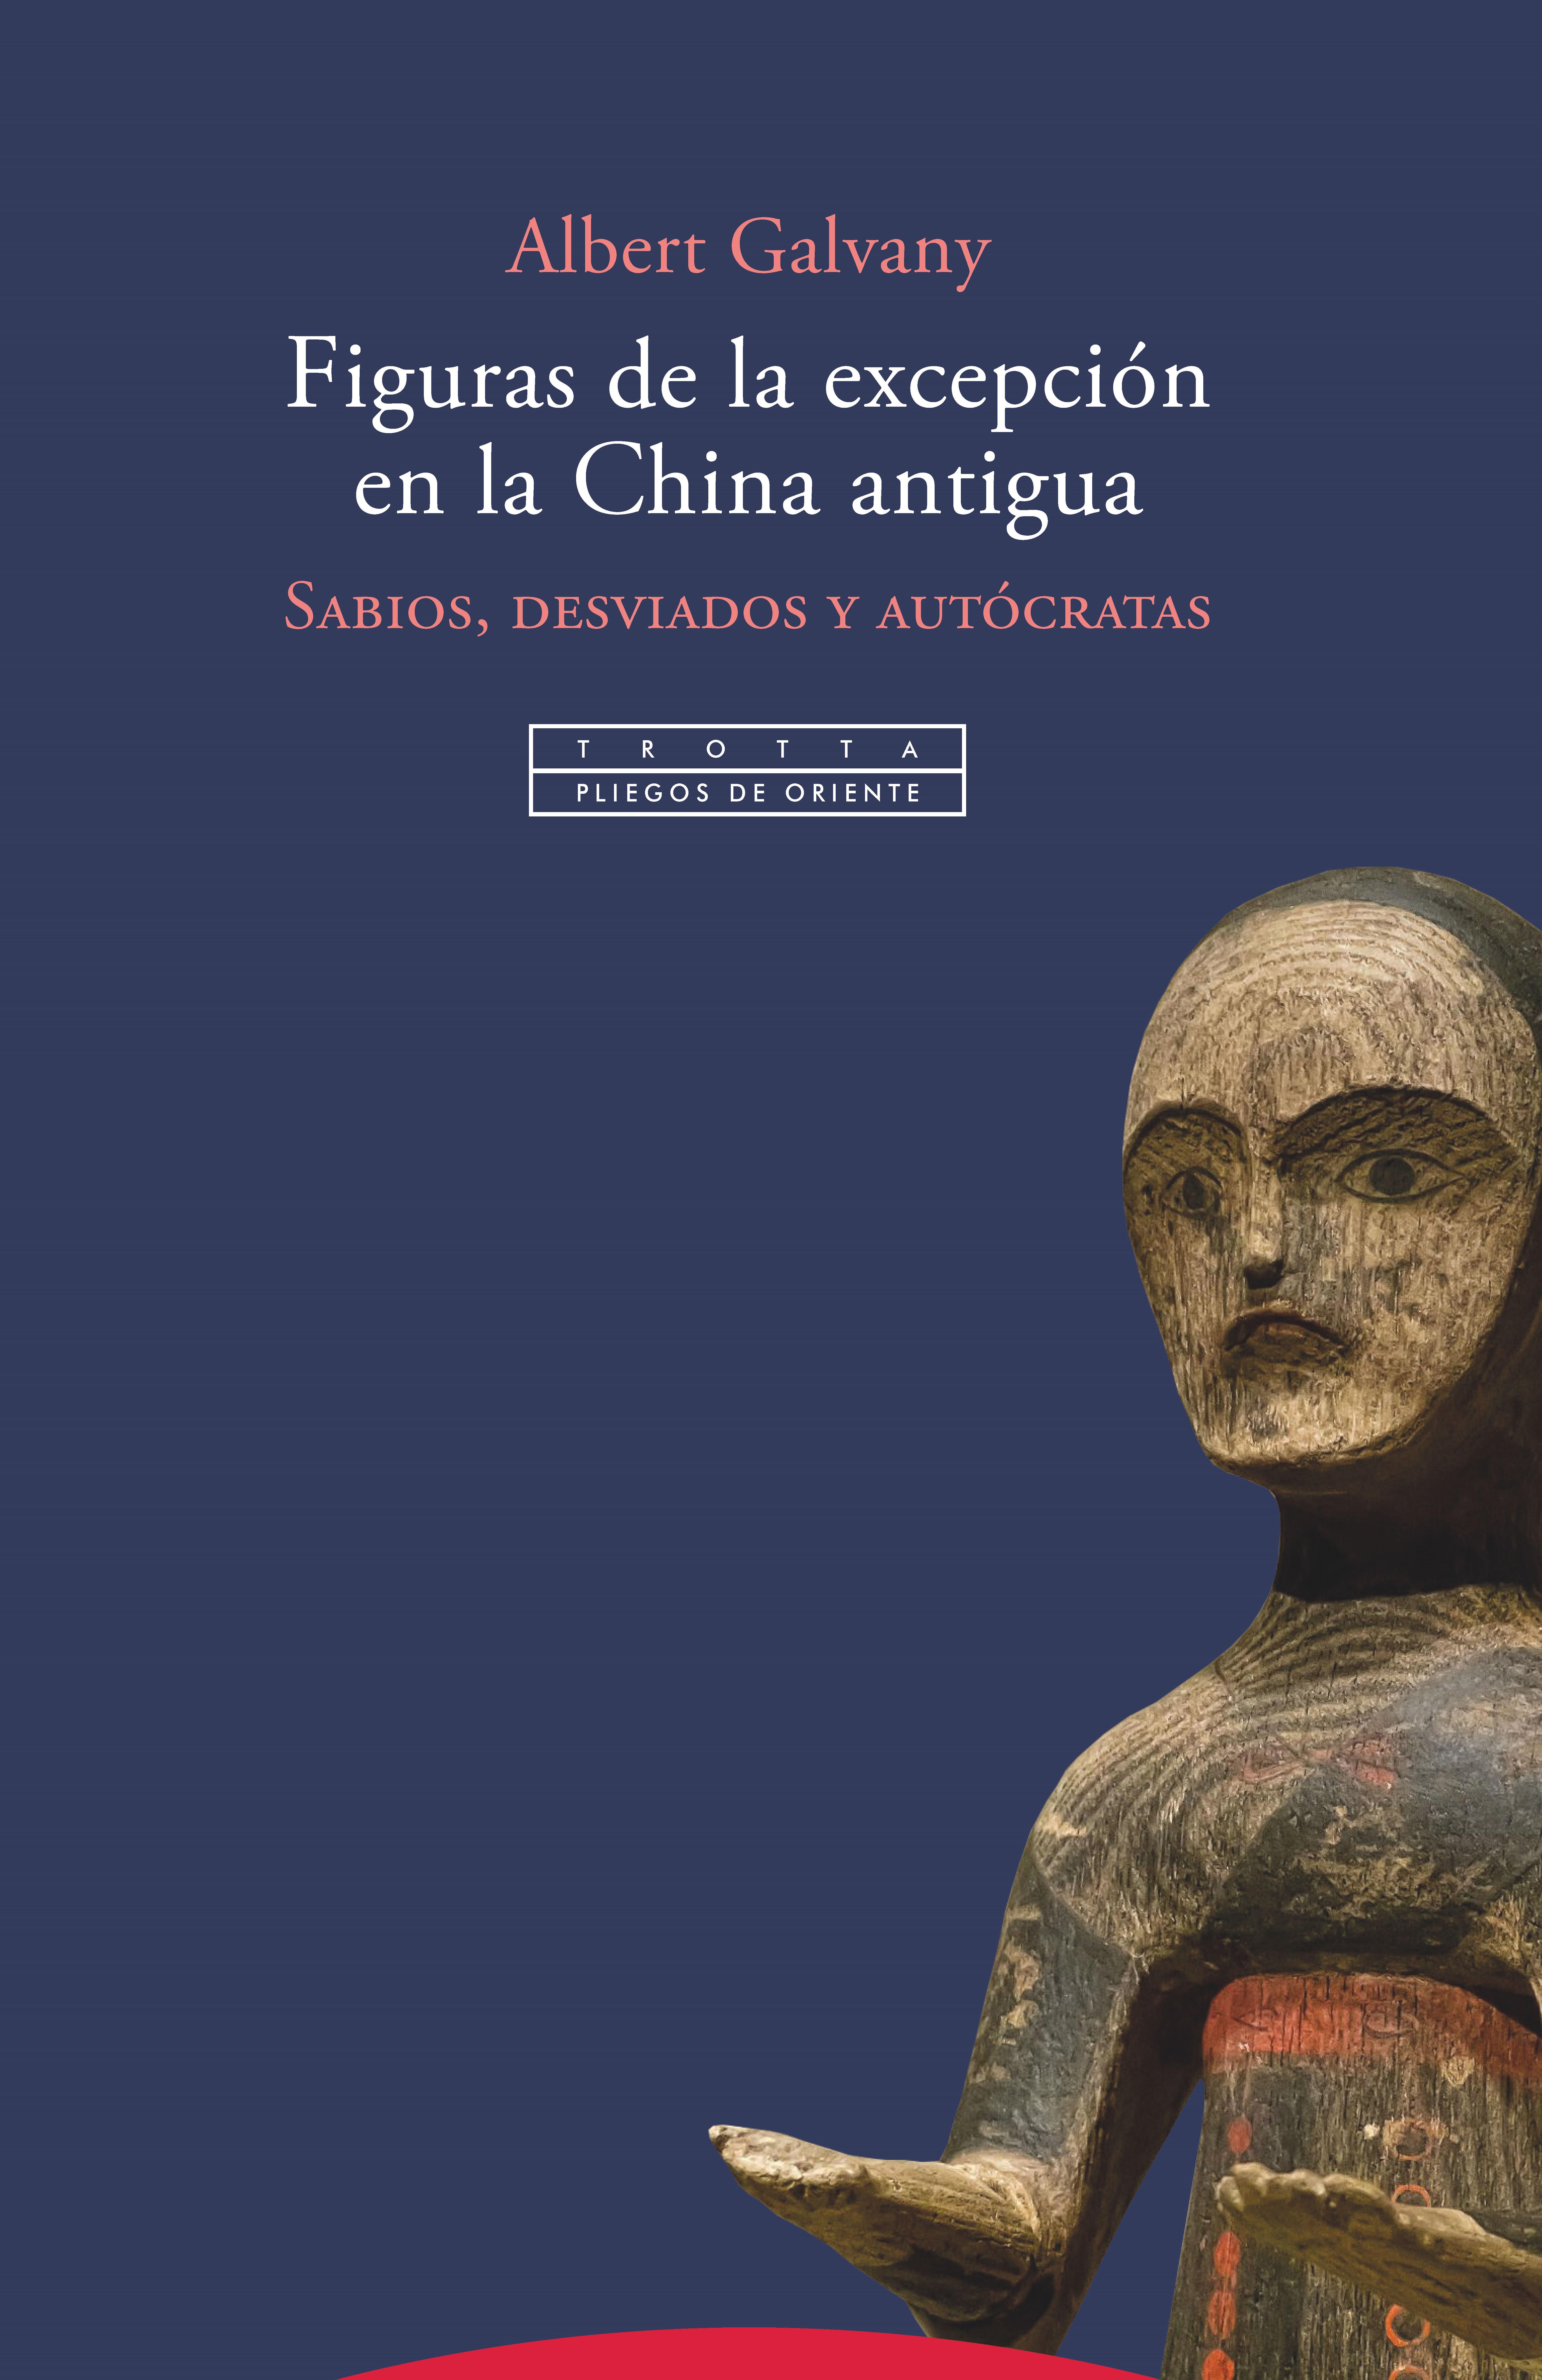 Figuras de la excepción en la China antigua   «Sabios, desviados y autócratas»